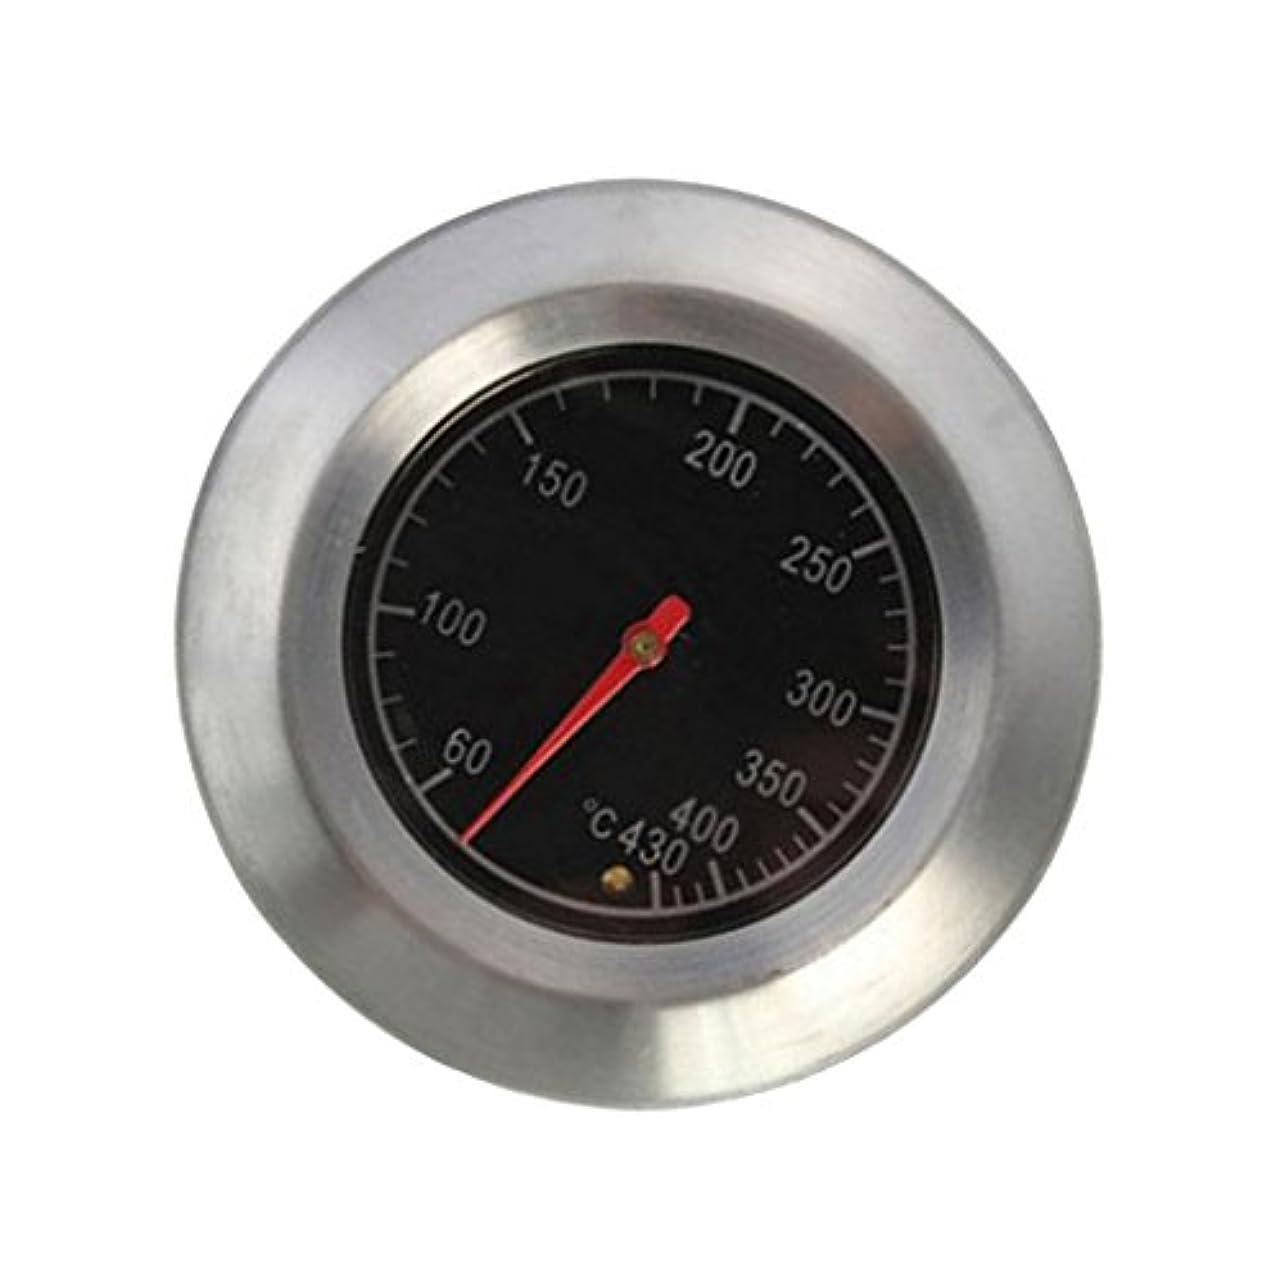 率直な不当怪物Fenteer グリル オーブン  バーベキュー温度計 喫煙者 グリル温度計 ステンレス鋼 シルバー 使いやすい